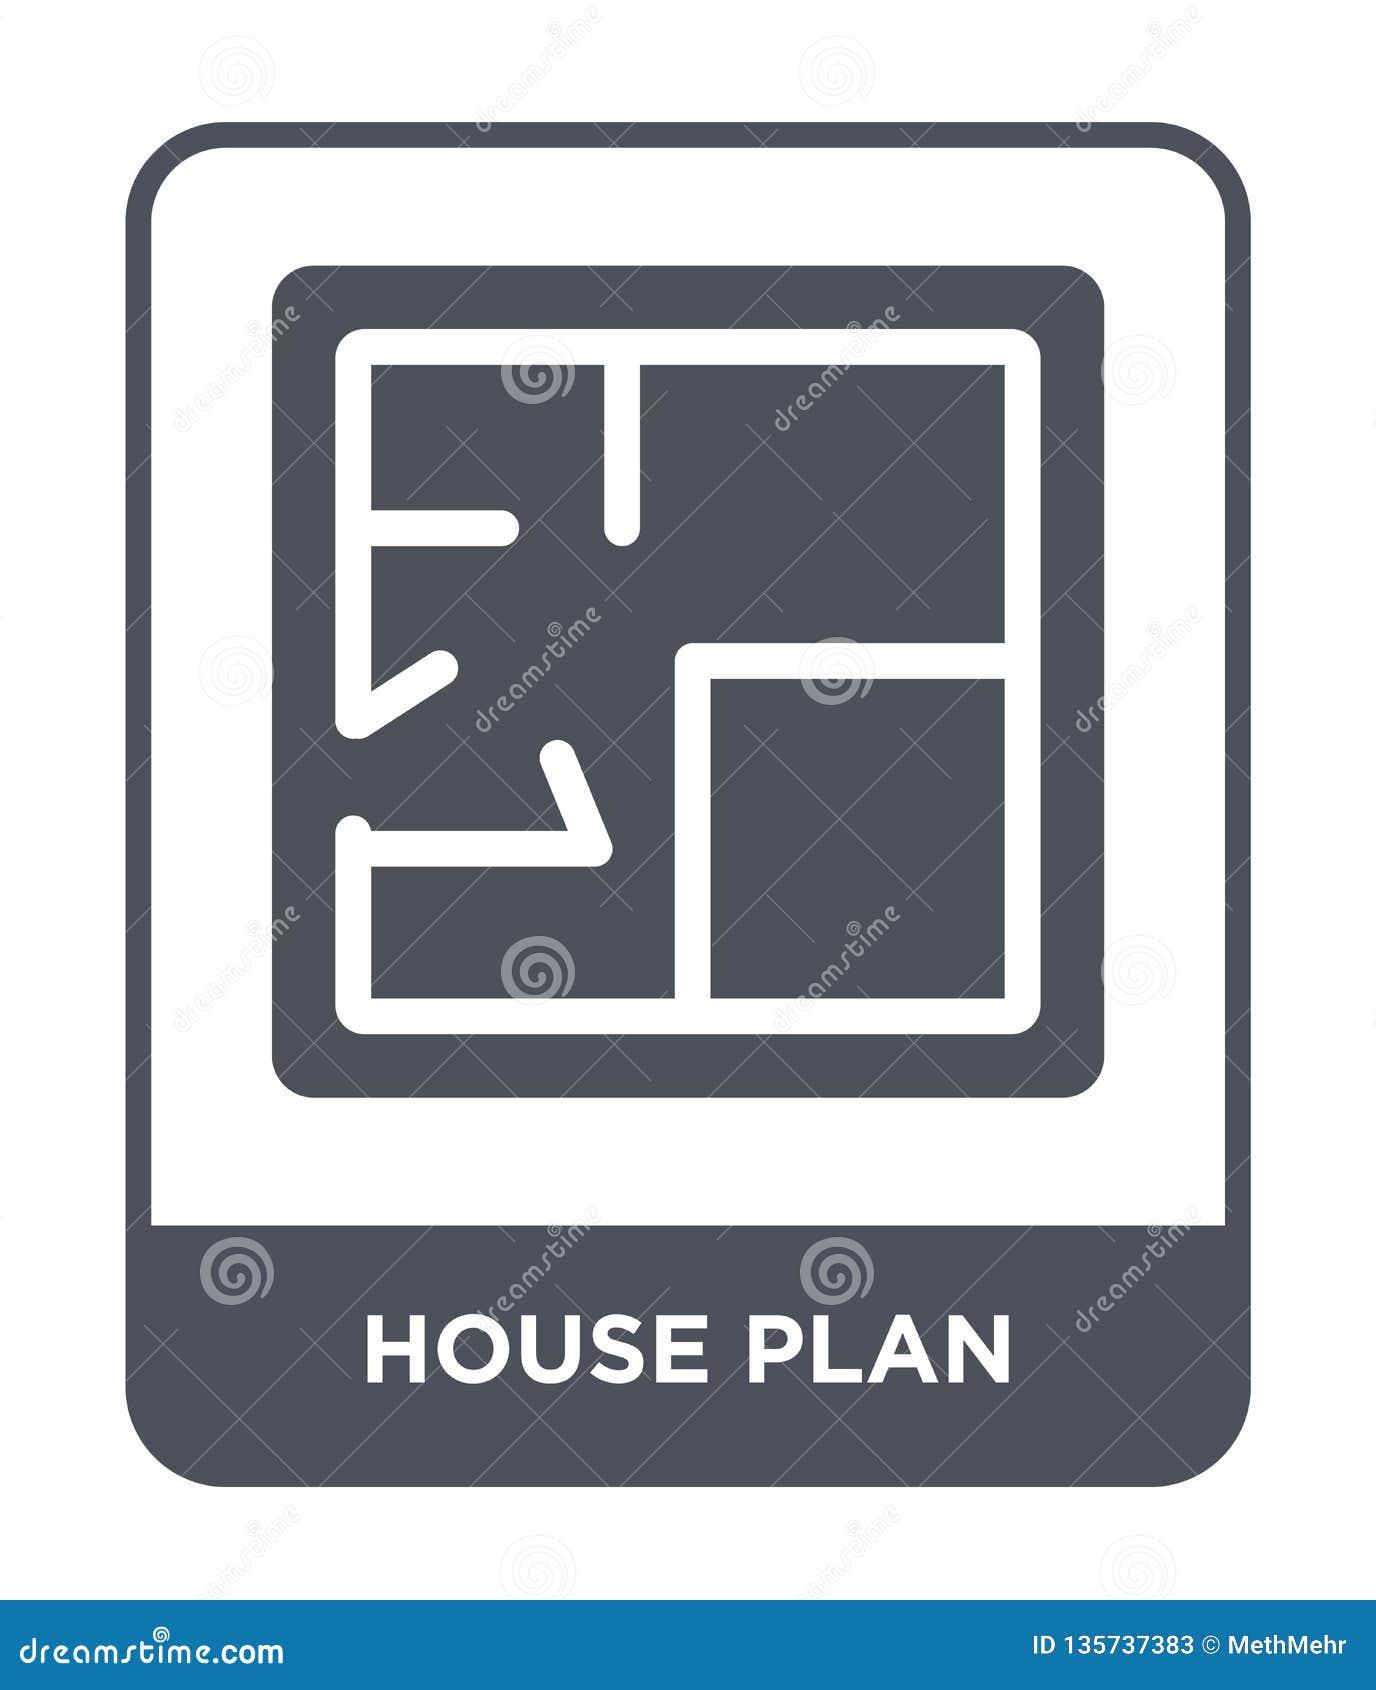 Icono del plan de la casa en estilo de moda del diseño icono del plan de la casa aislado en el fondo blanco icono del vector del